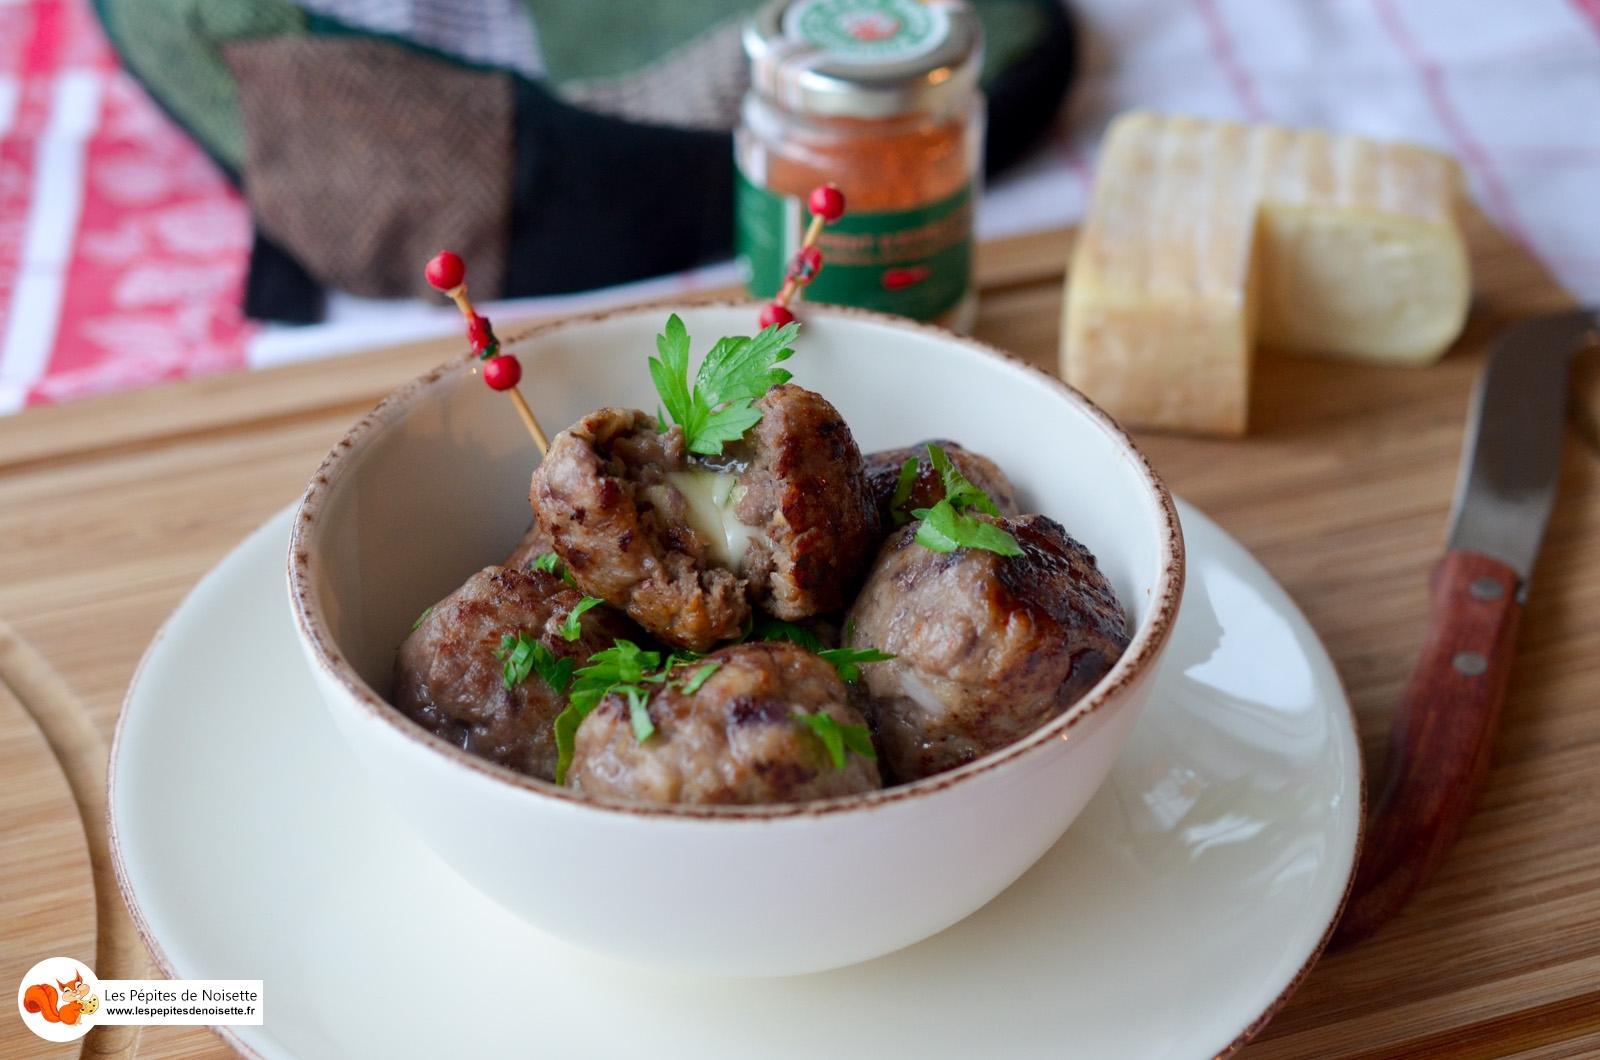 Meatballs Canard Piment Espelette Cerise Noire (11 Sur 17)